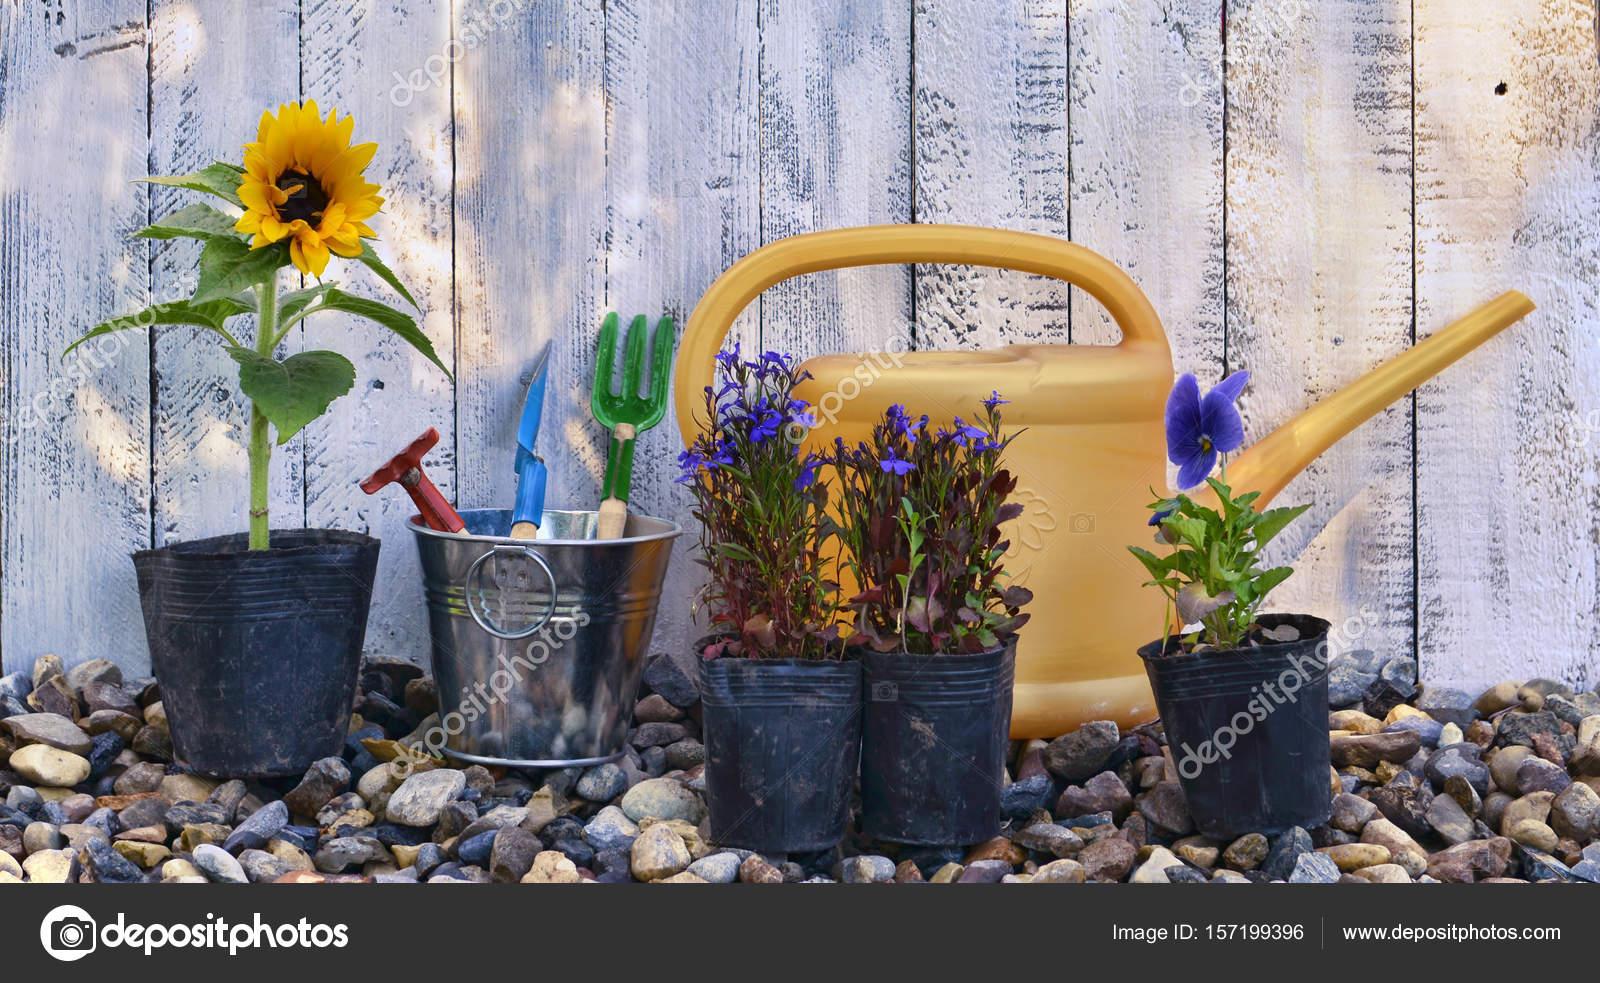 stilleben mit sommerblumen pflanzen töpfe und gartenwerkzeuge gegen